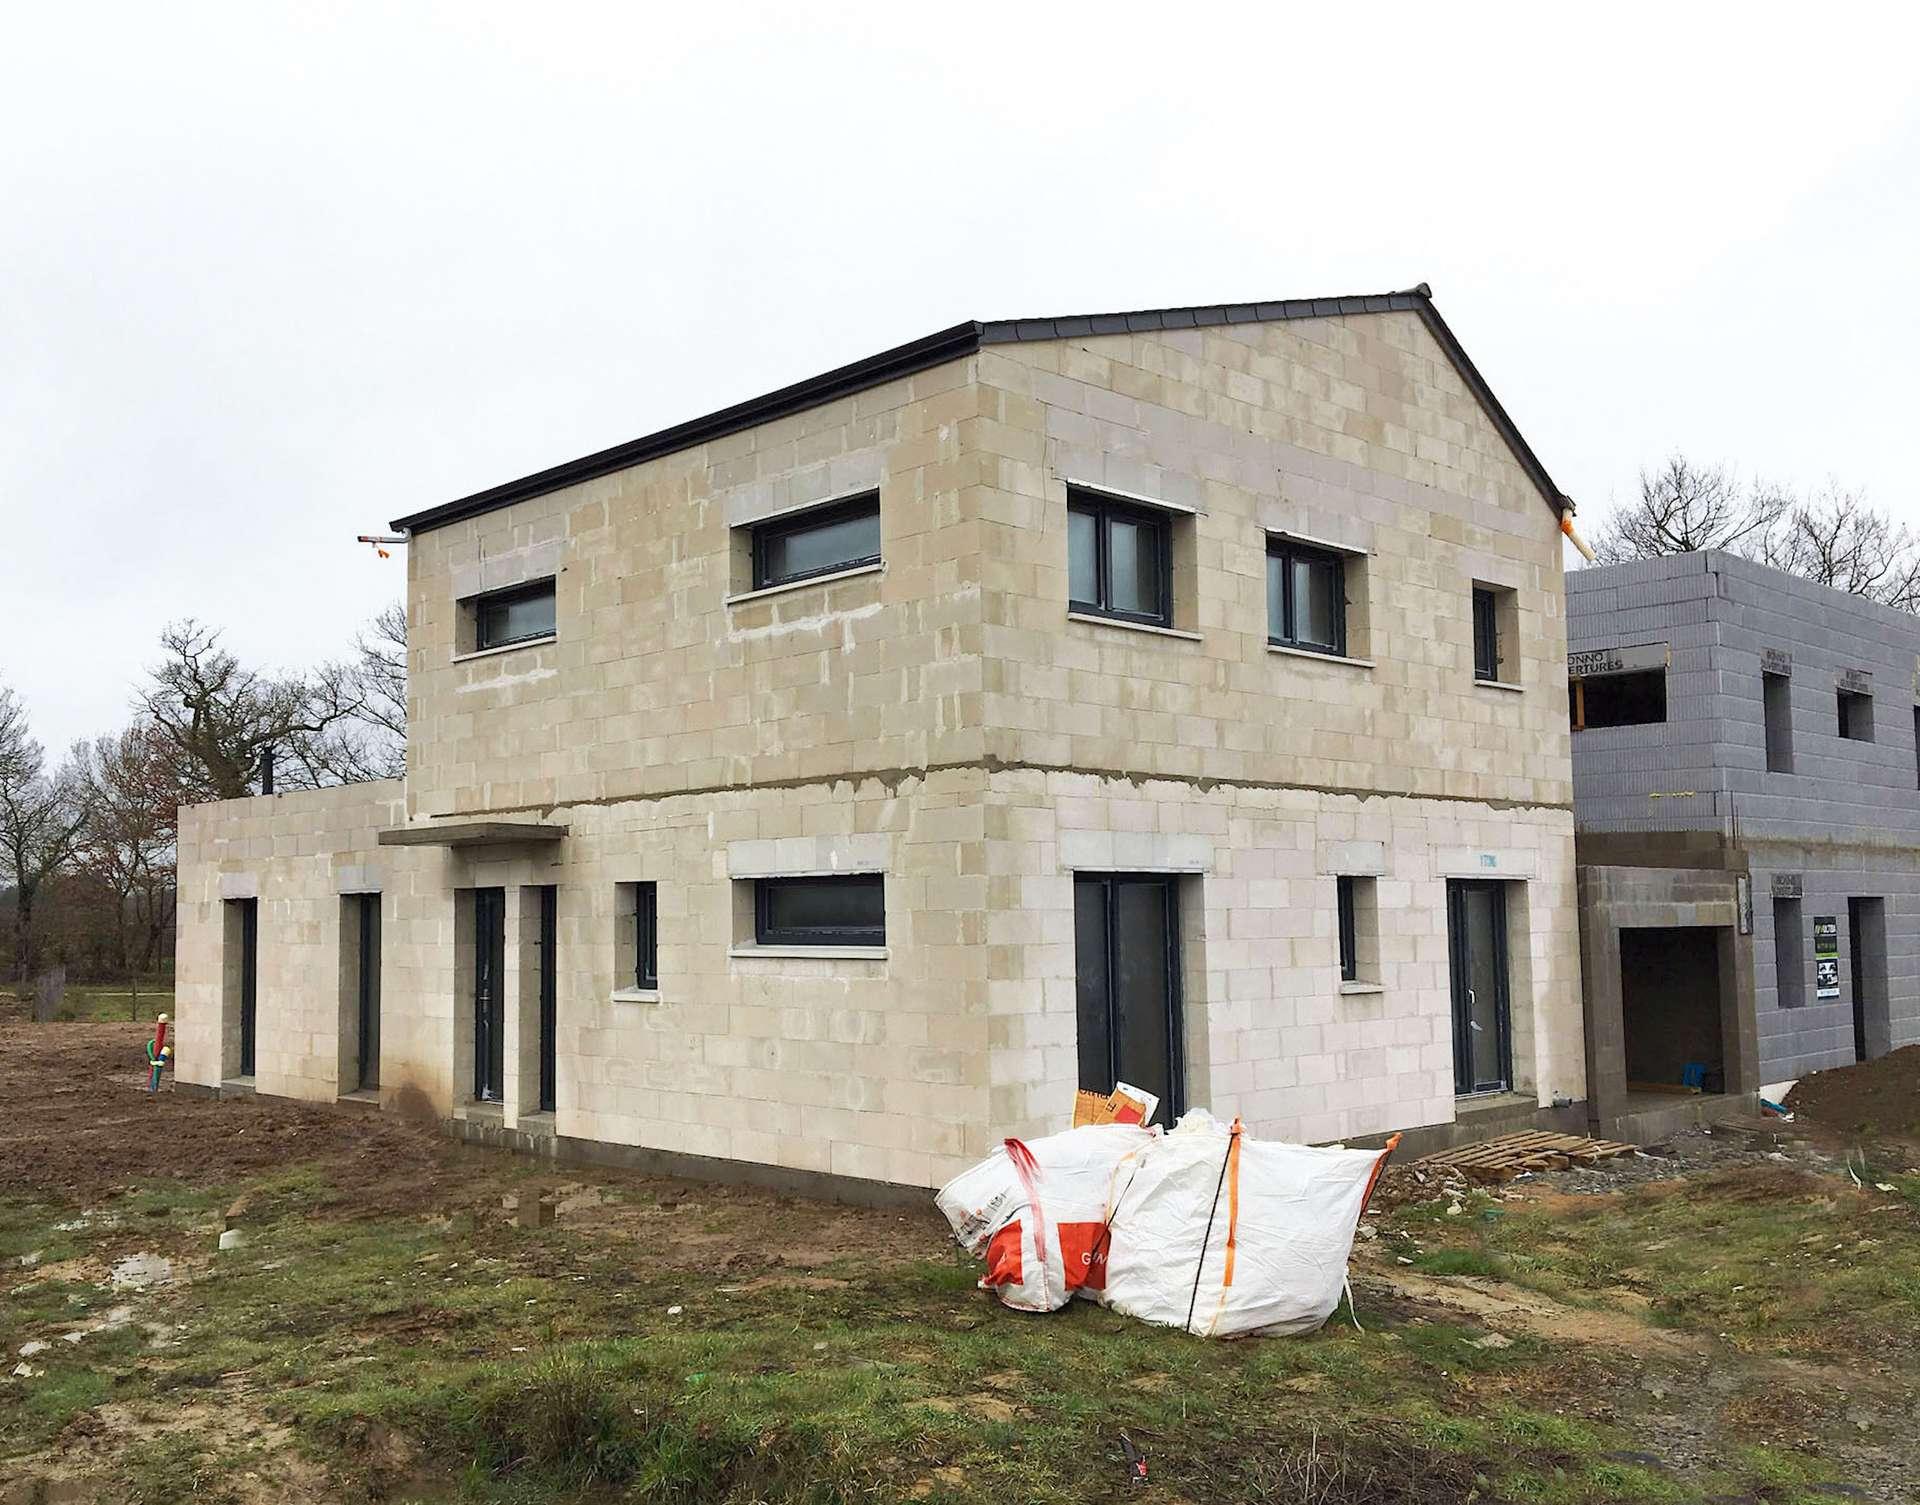 L'écoquartier de La Fleuriaye est la plus importante opération immobilière certifiée Passivhaus en France : bâtiments passifs, production d'énergie photovoltaïque et respect de la biodiversité pour un quartier à impact maîtrisé sur l'environnement.